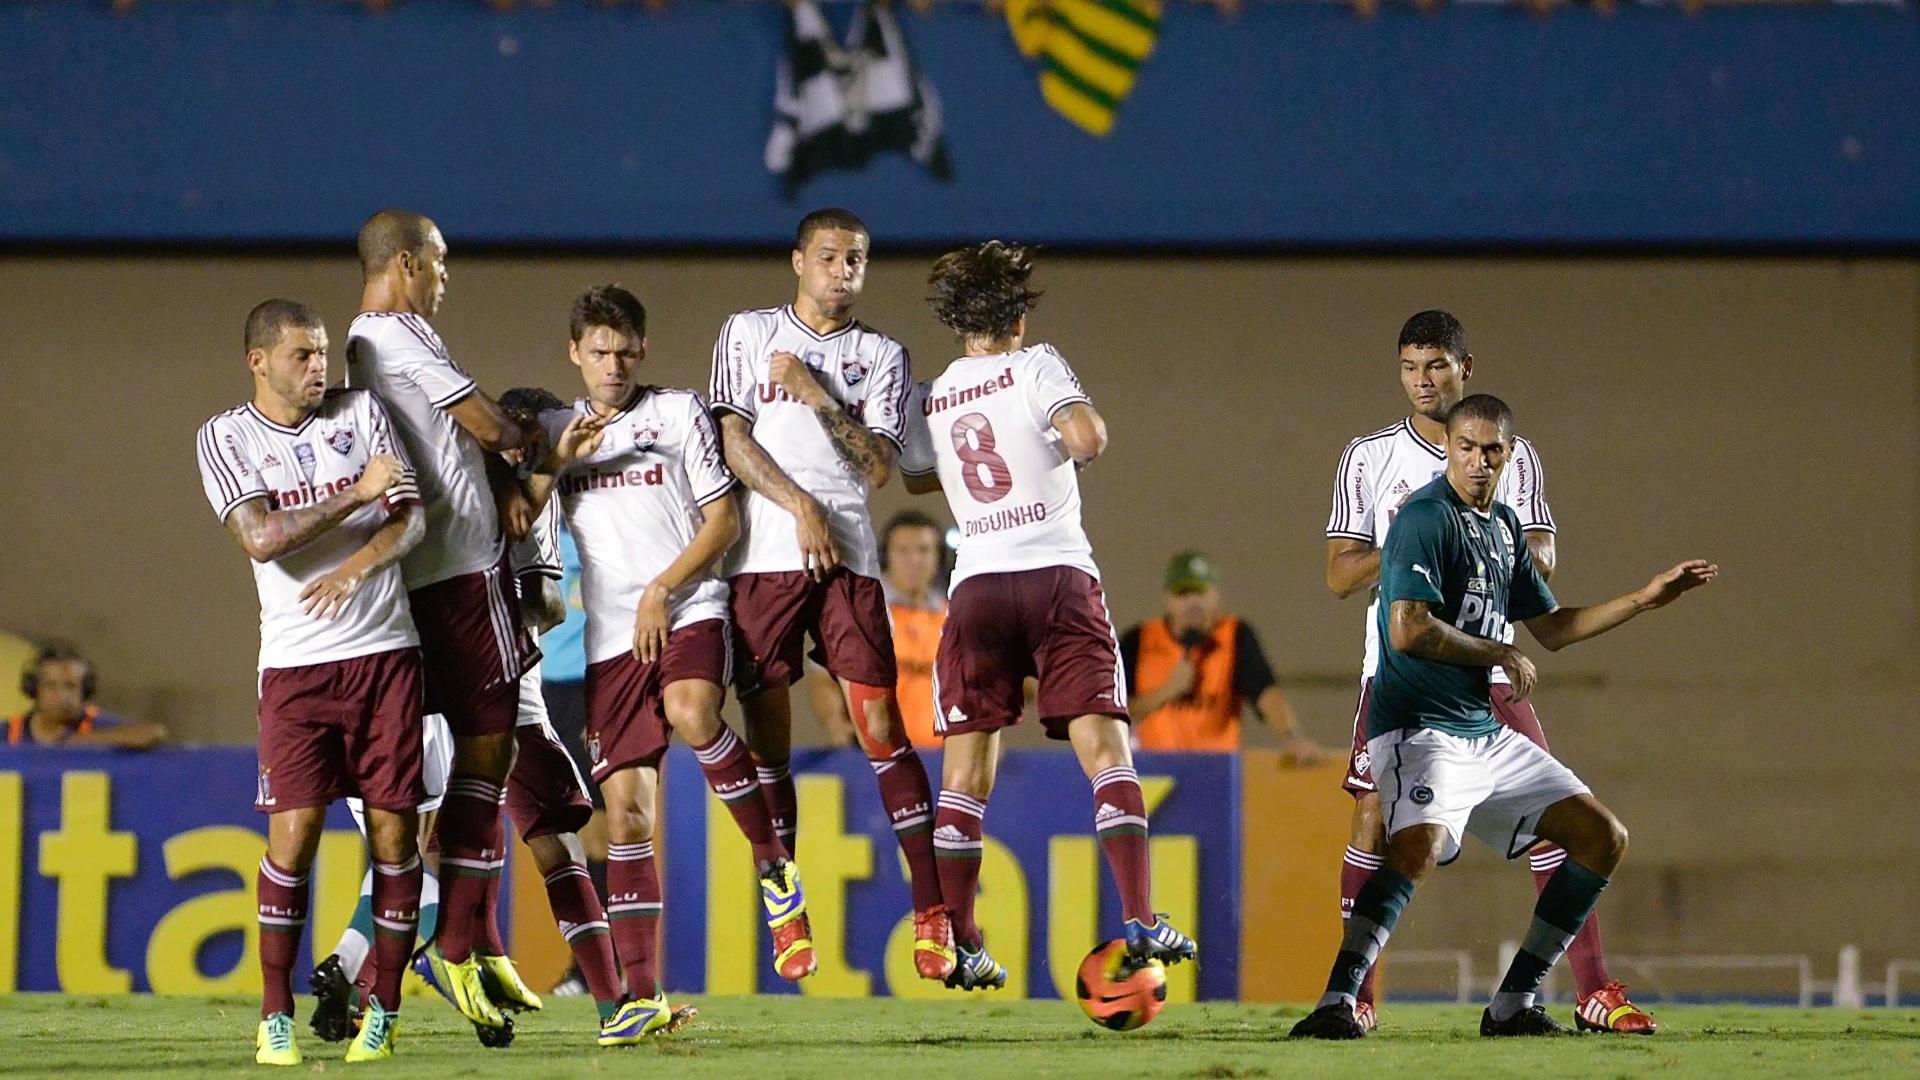 28.set.2013 - Jogadores do Fluminense fazem barreira em cobrança de falta do Goiás, rival da equipe carioca no Campeonato Brasileiro